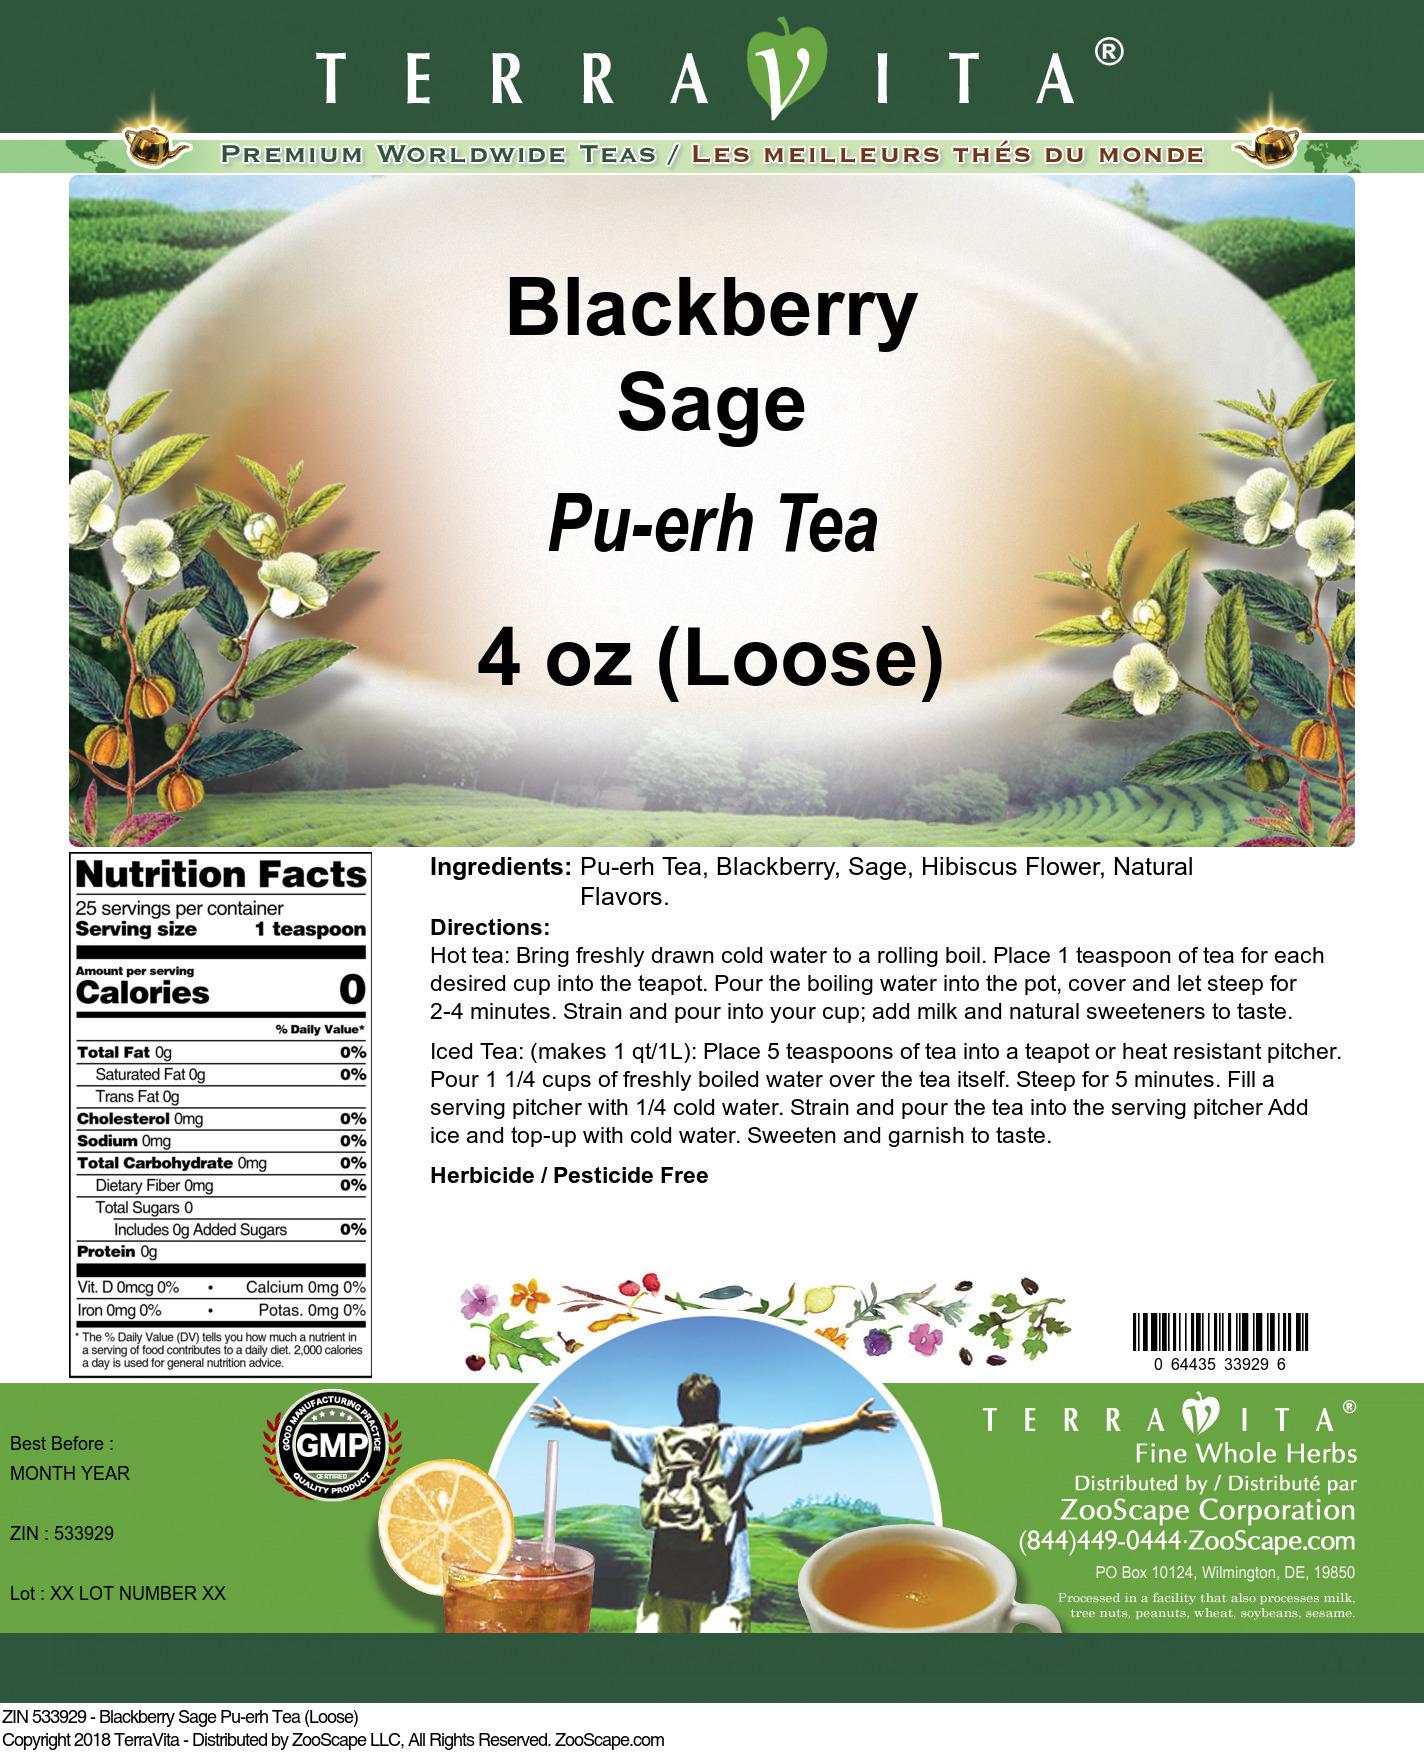 Blackberry Sage Pu-erh Tea (Loose)